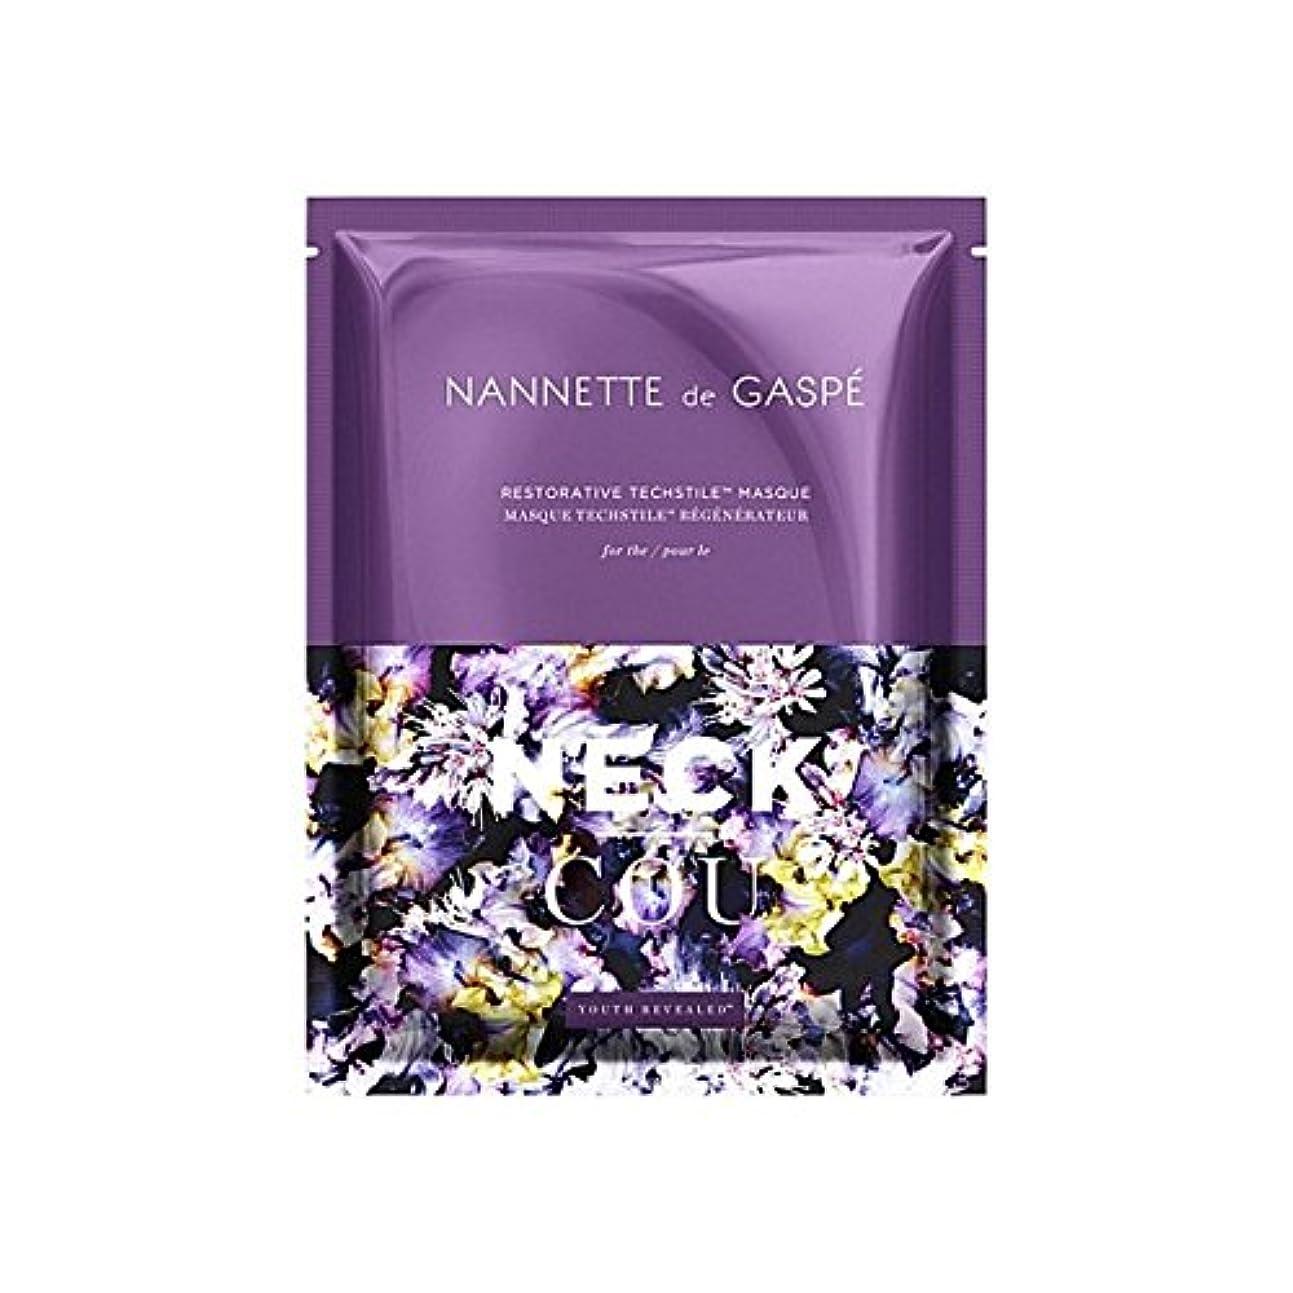 口時々予約Nannette De Gaspe Restorative Techstile Neck Masque (Pack of 6) - デガスペ修復首の仮面劇 x6 [並行輸入品]